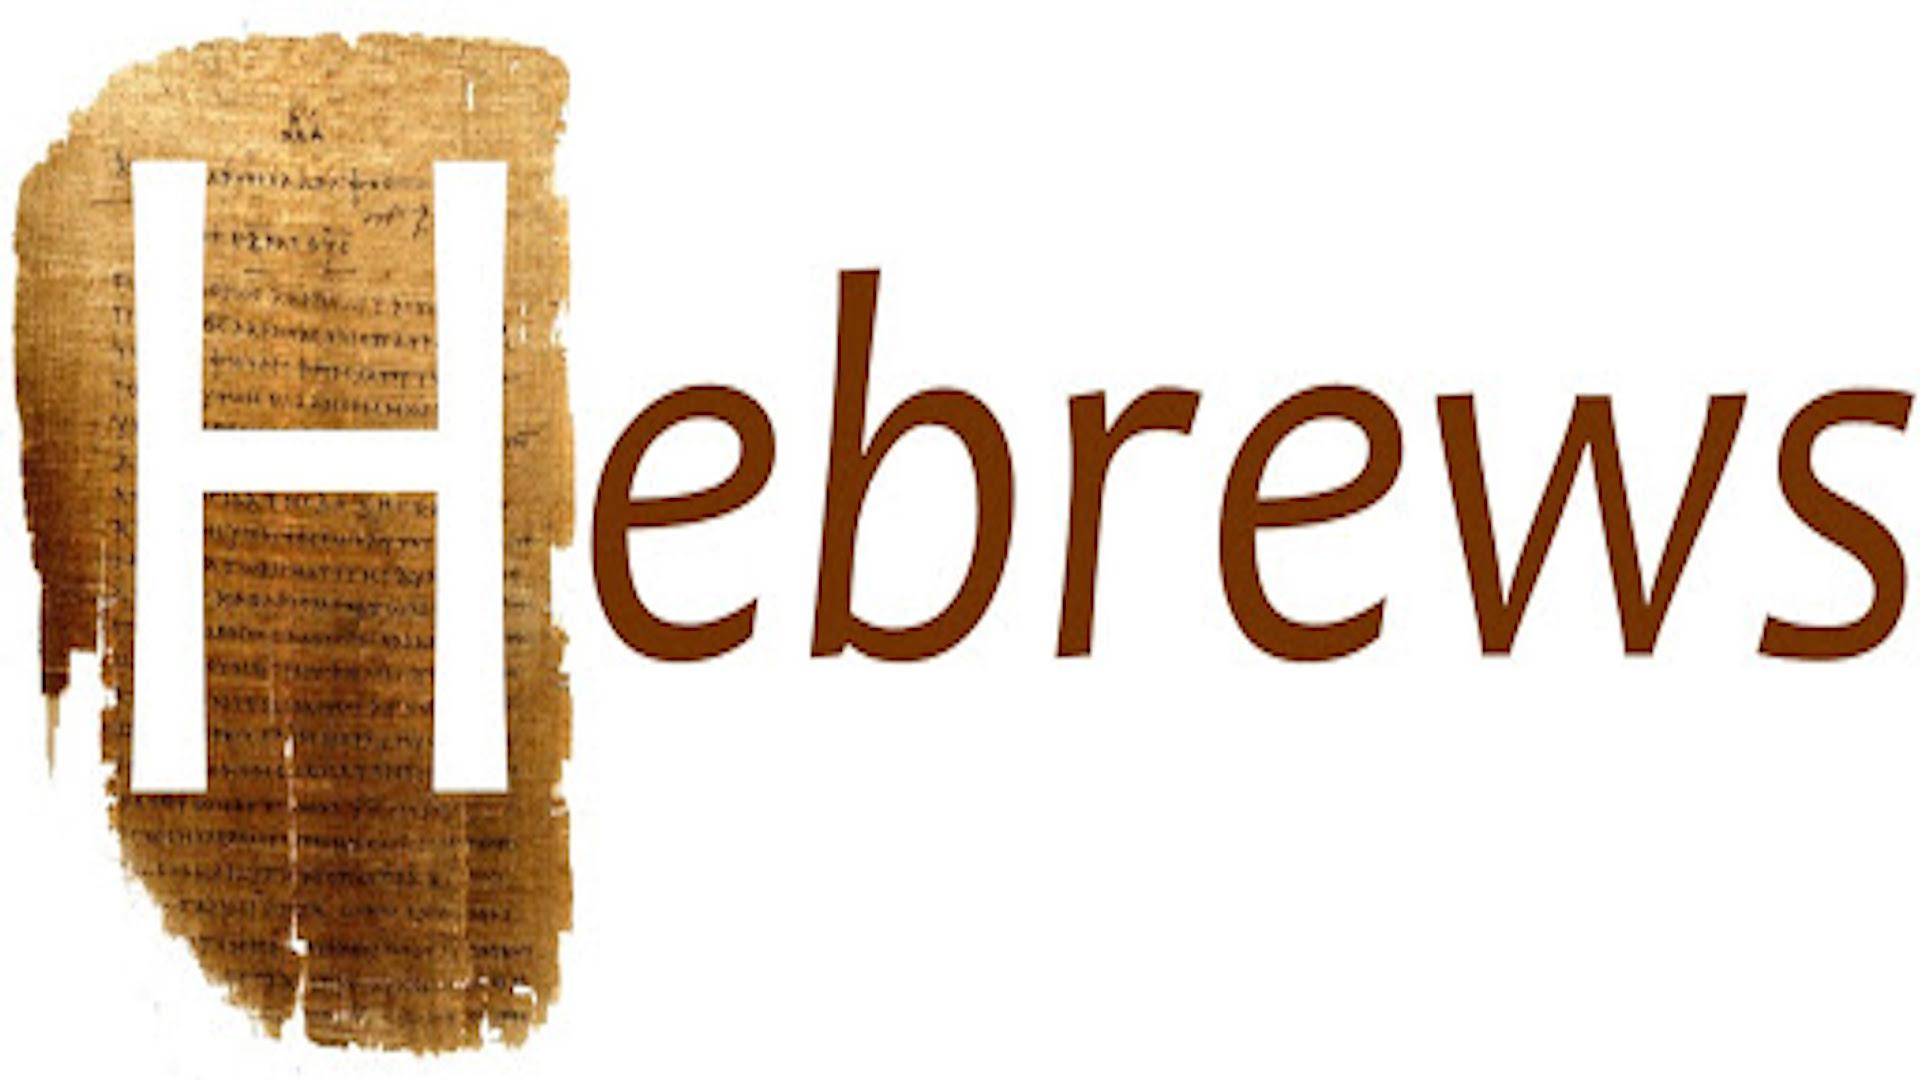 Hebrews 7:20-28